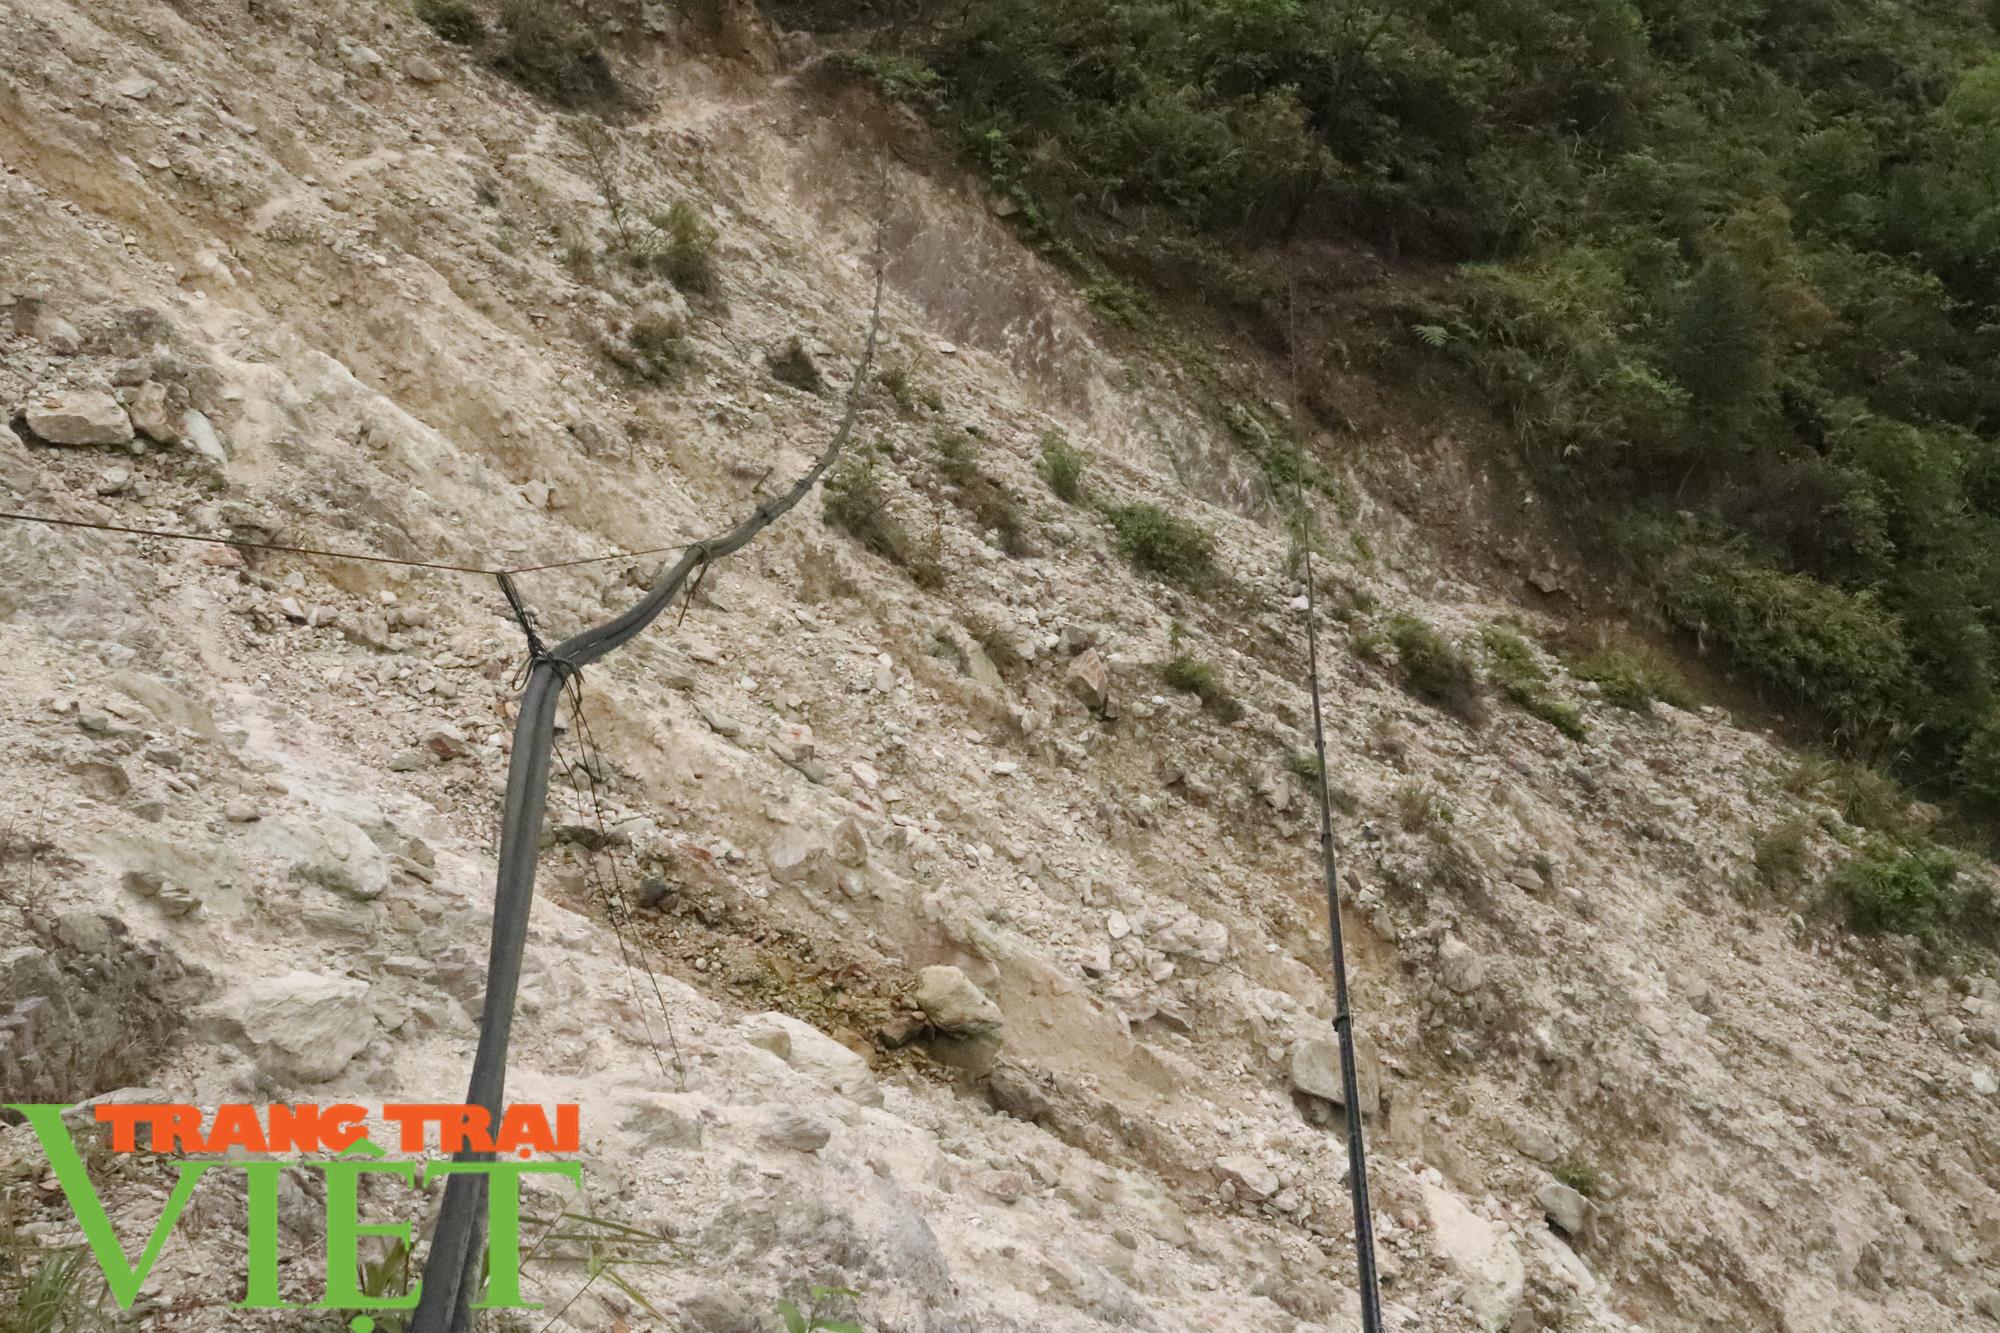 Vụ bán nguồn nước ở Bắc Yên: Bán cả trâu, bò, tích góp gần 2 năm mới trả nợ xong - Ảnh 4.